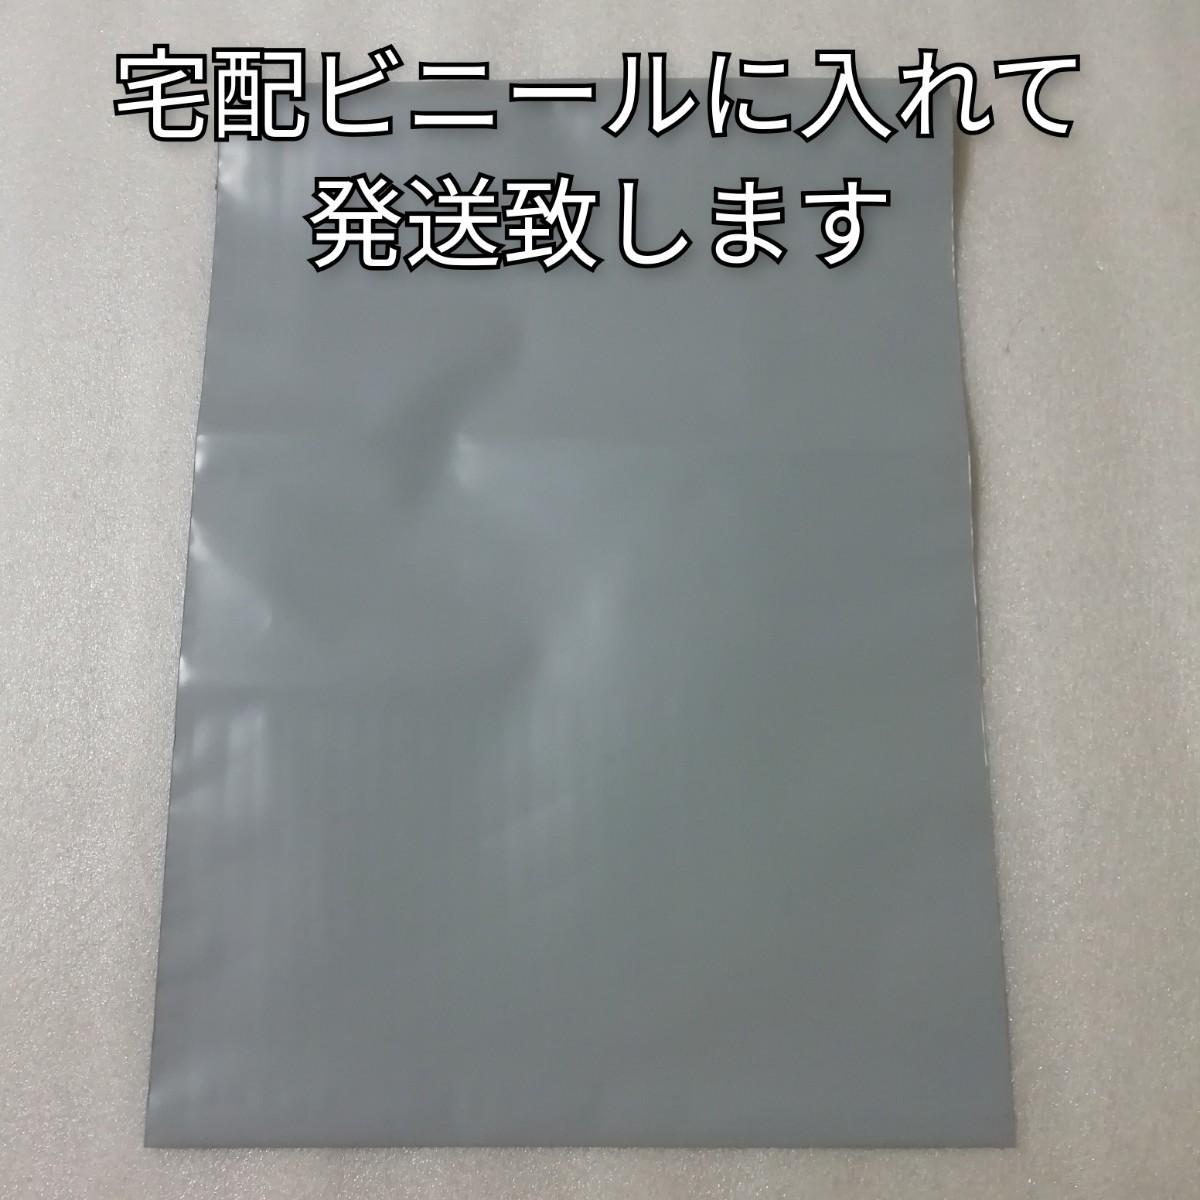 辻本珈琲 デカフェ カフェインレスコーヒー ドリップコーヒー